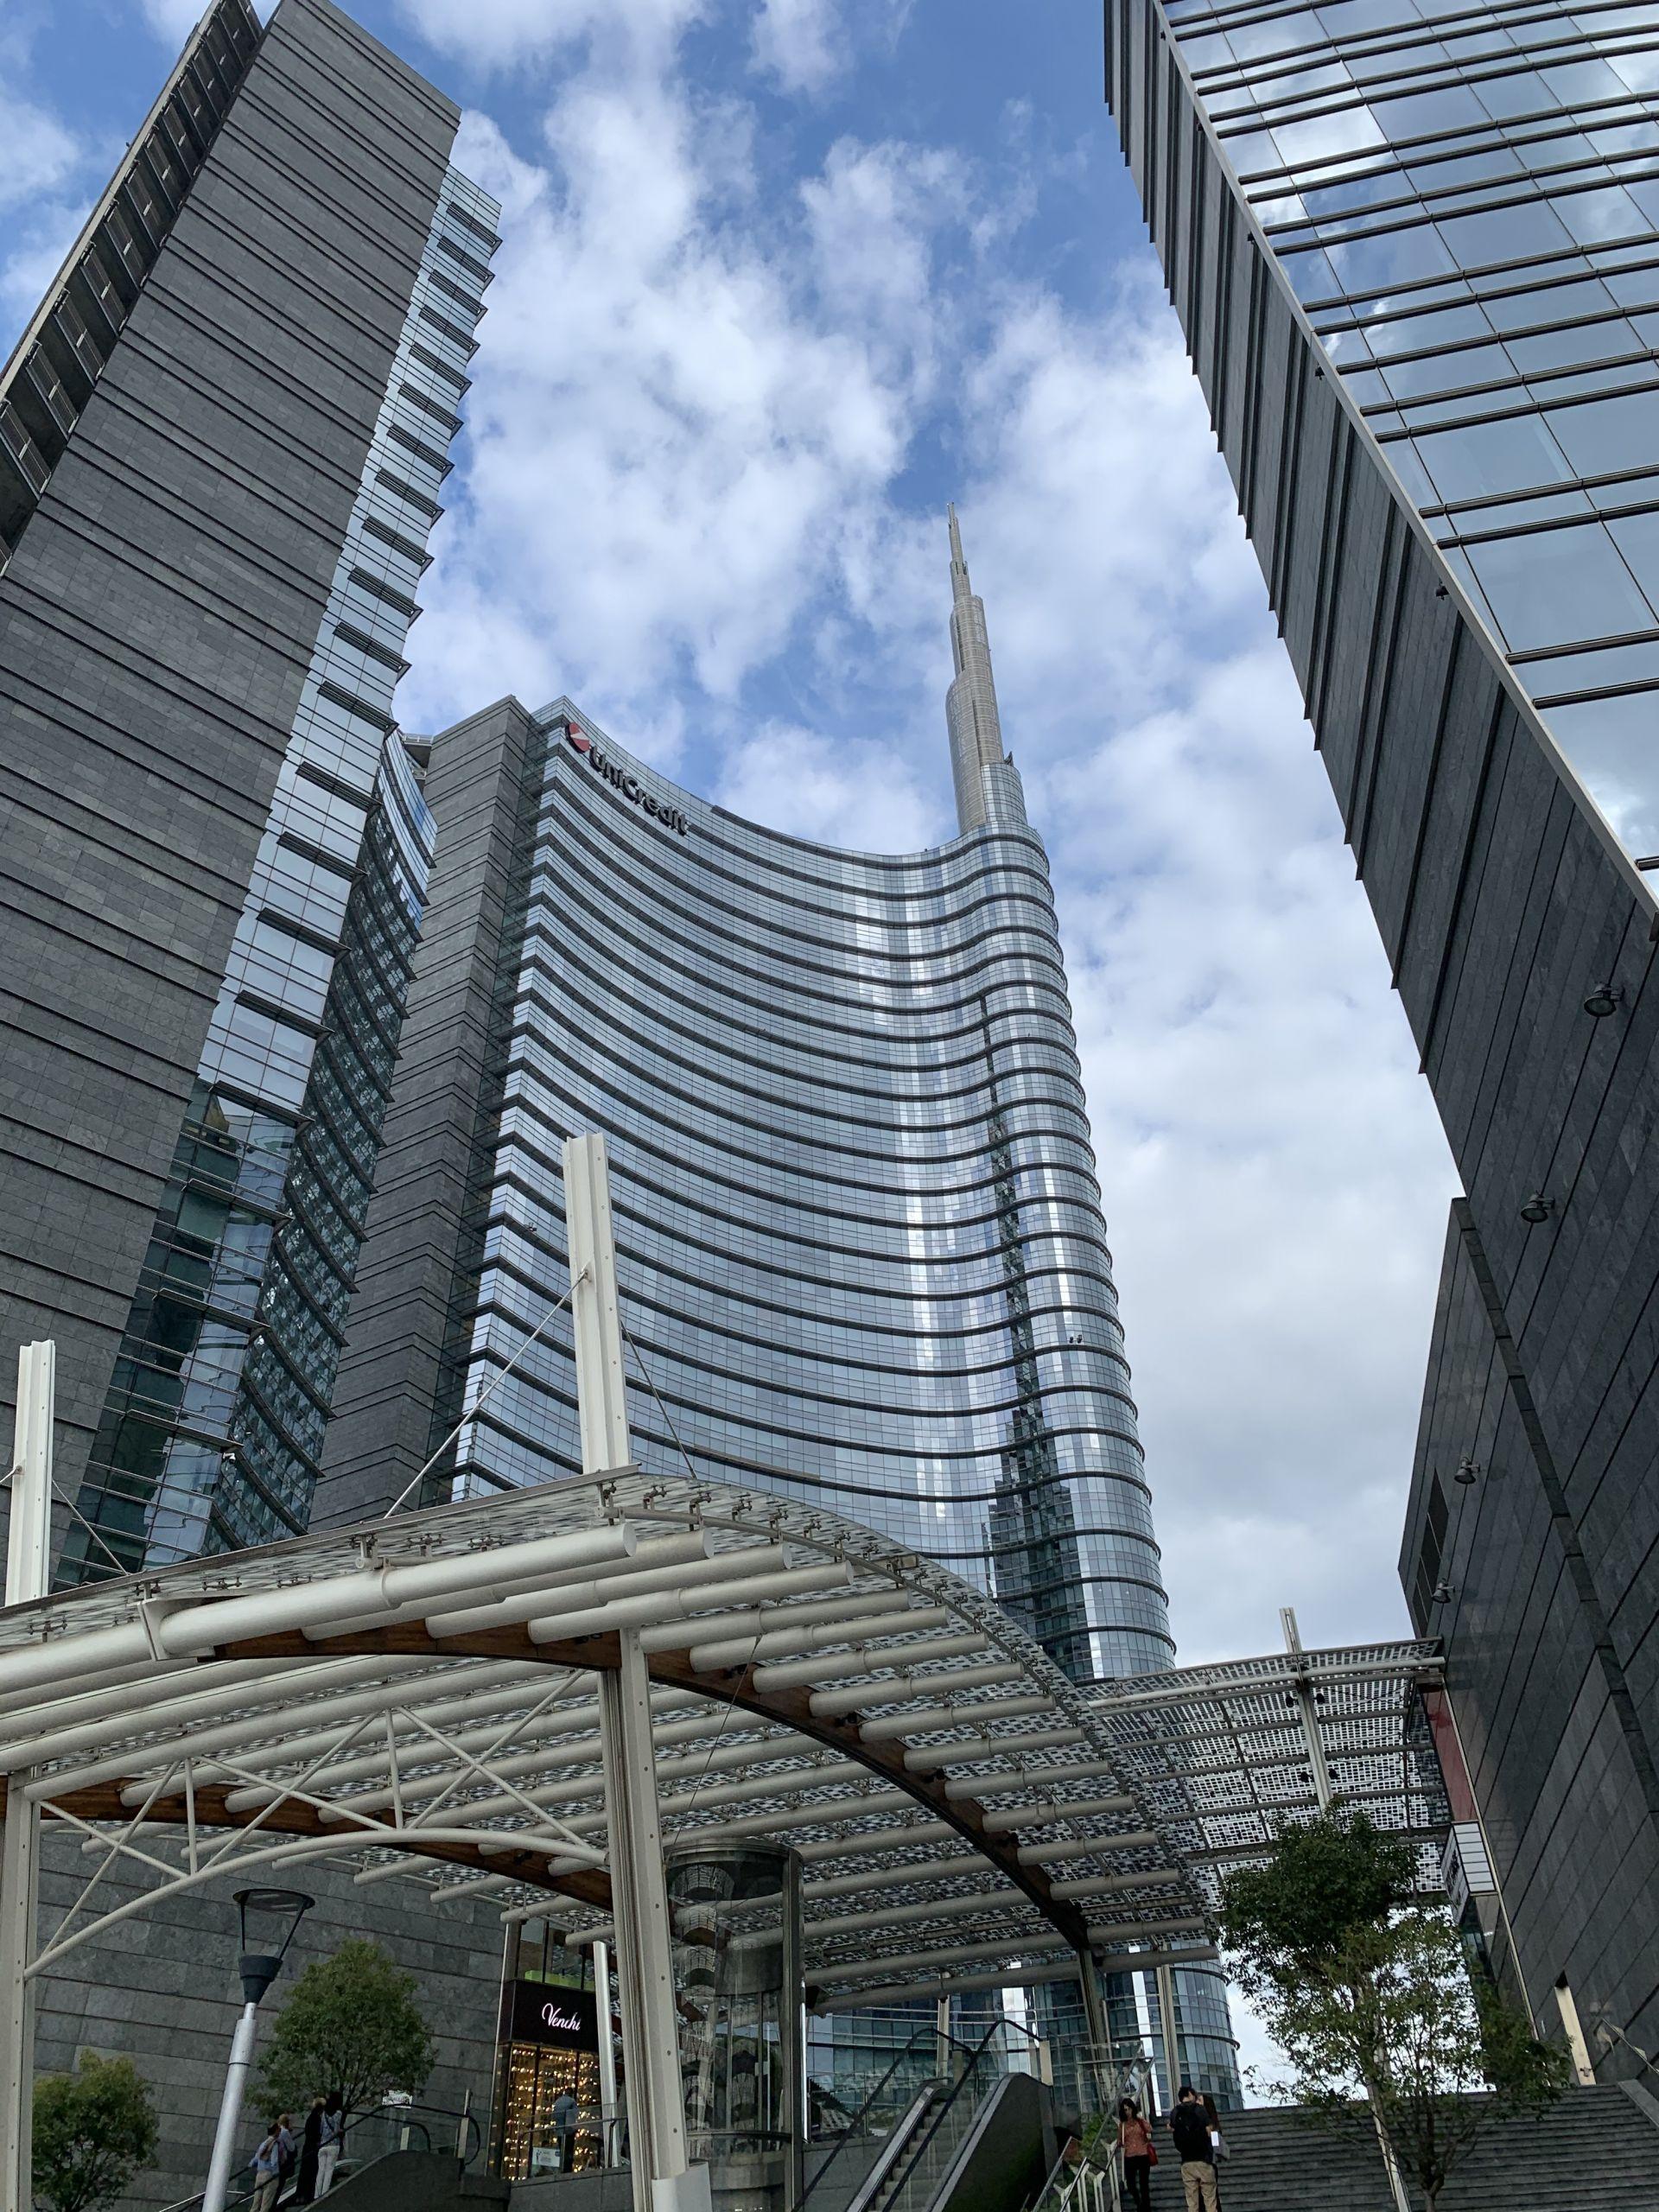 Modern architecture in Milan